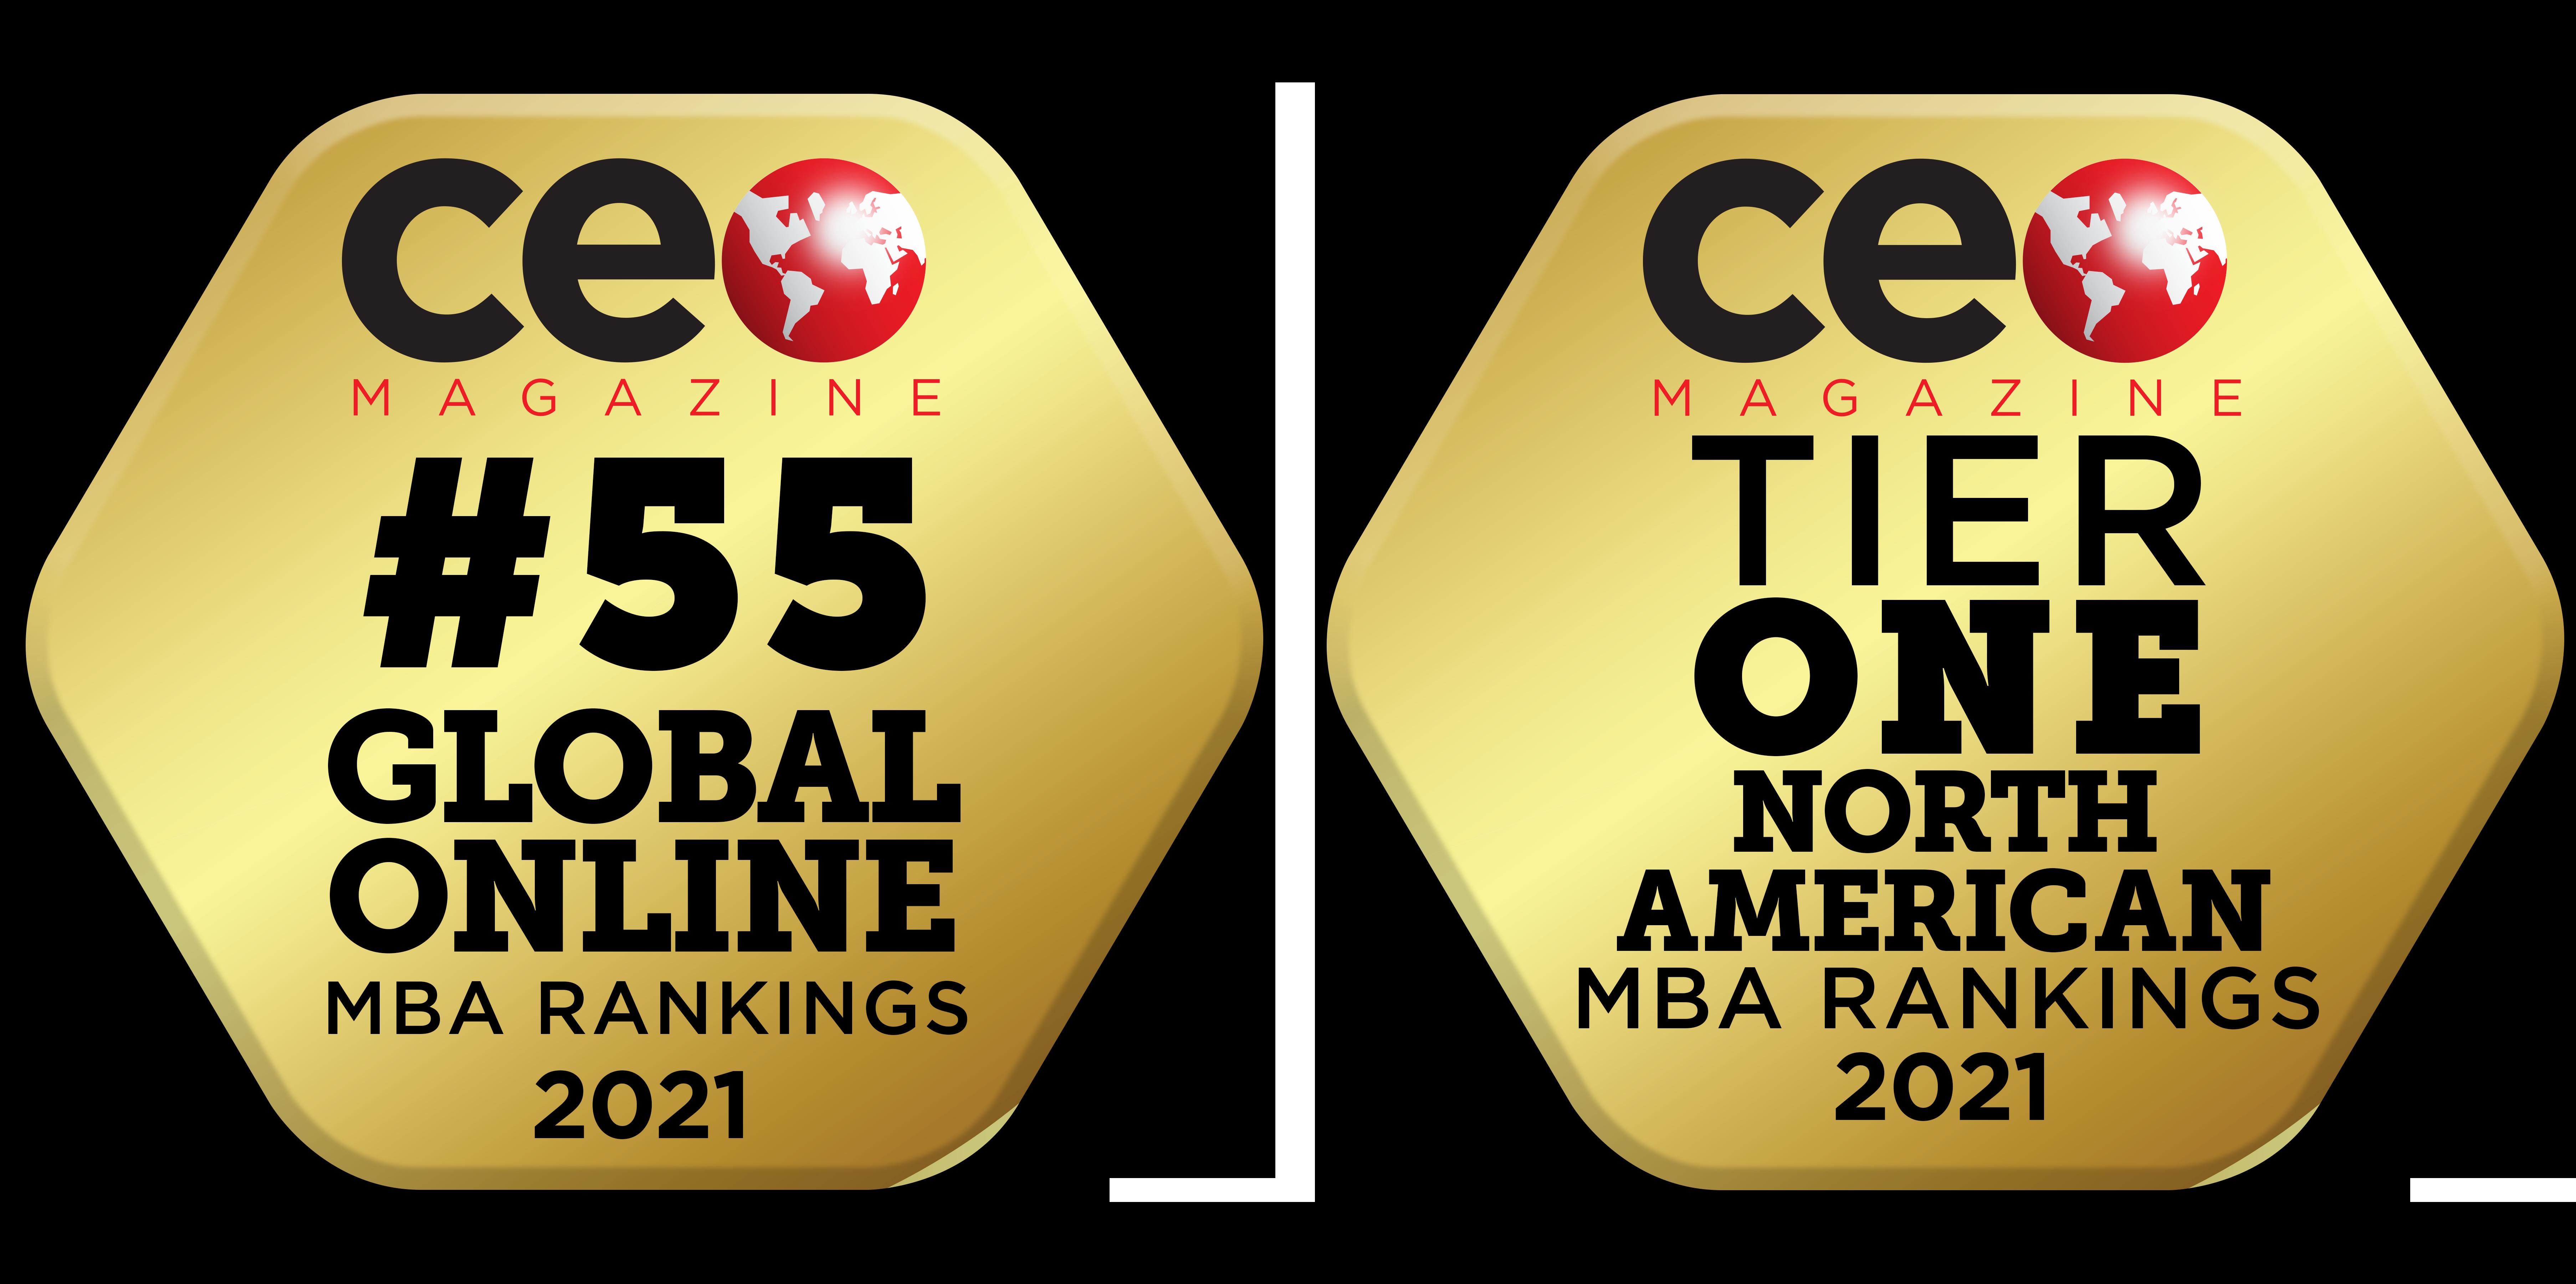 CEO Magazine Award Badges